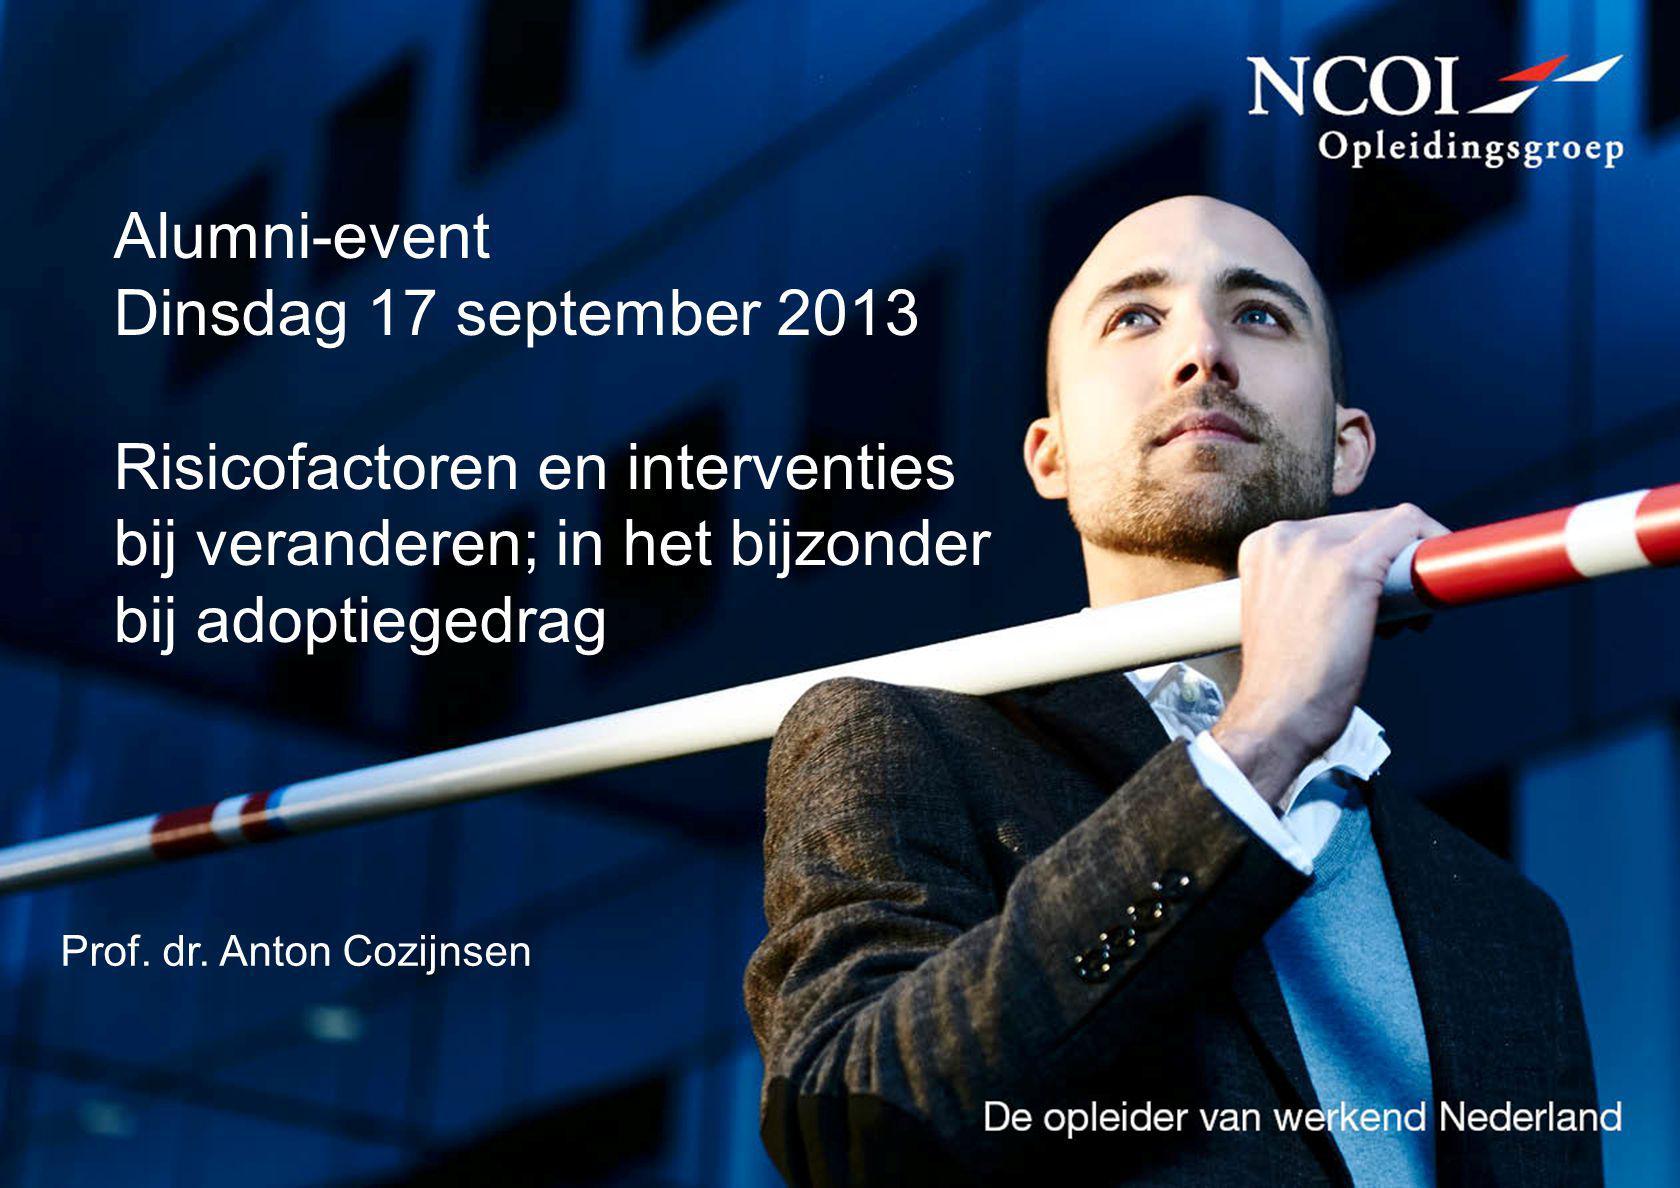 Alumni-event Dinsdag 17 september 2013 Risicofactoren en interventies bij veranderen; in het bijzonder bij adoptiegedrag Prof. dr. Anton Cozijnsen